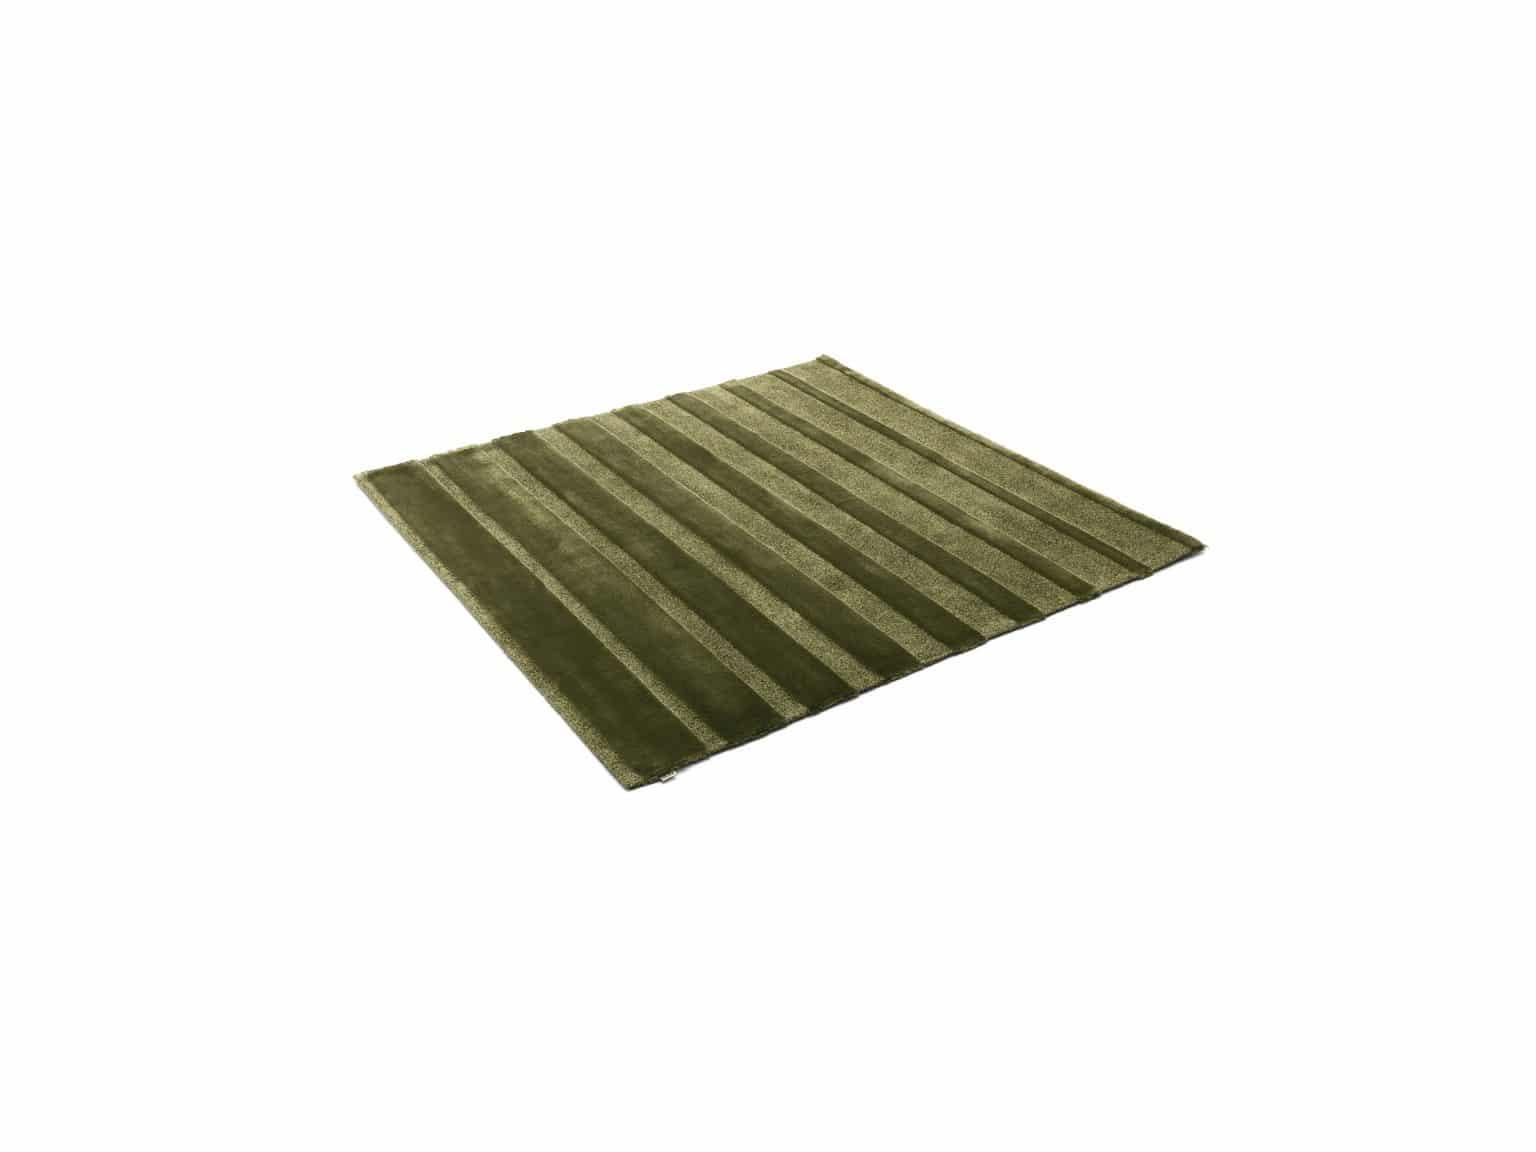 Rolf benz tapijt 7160 pa